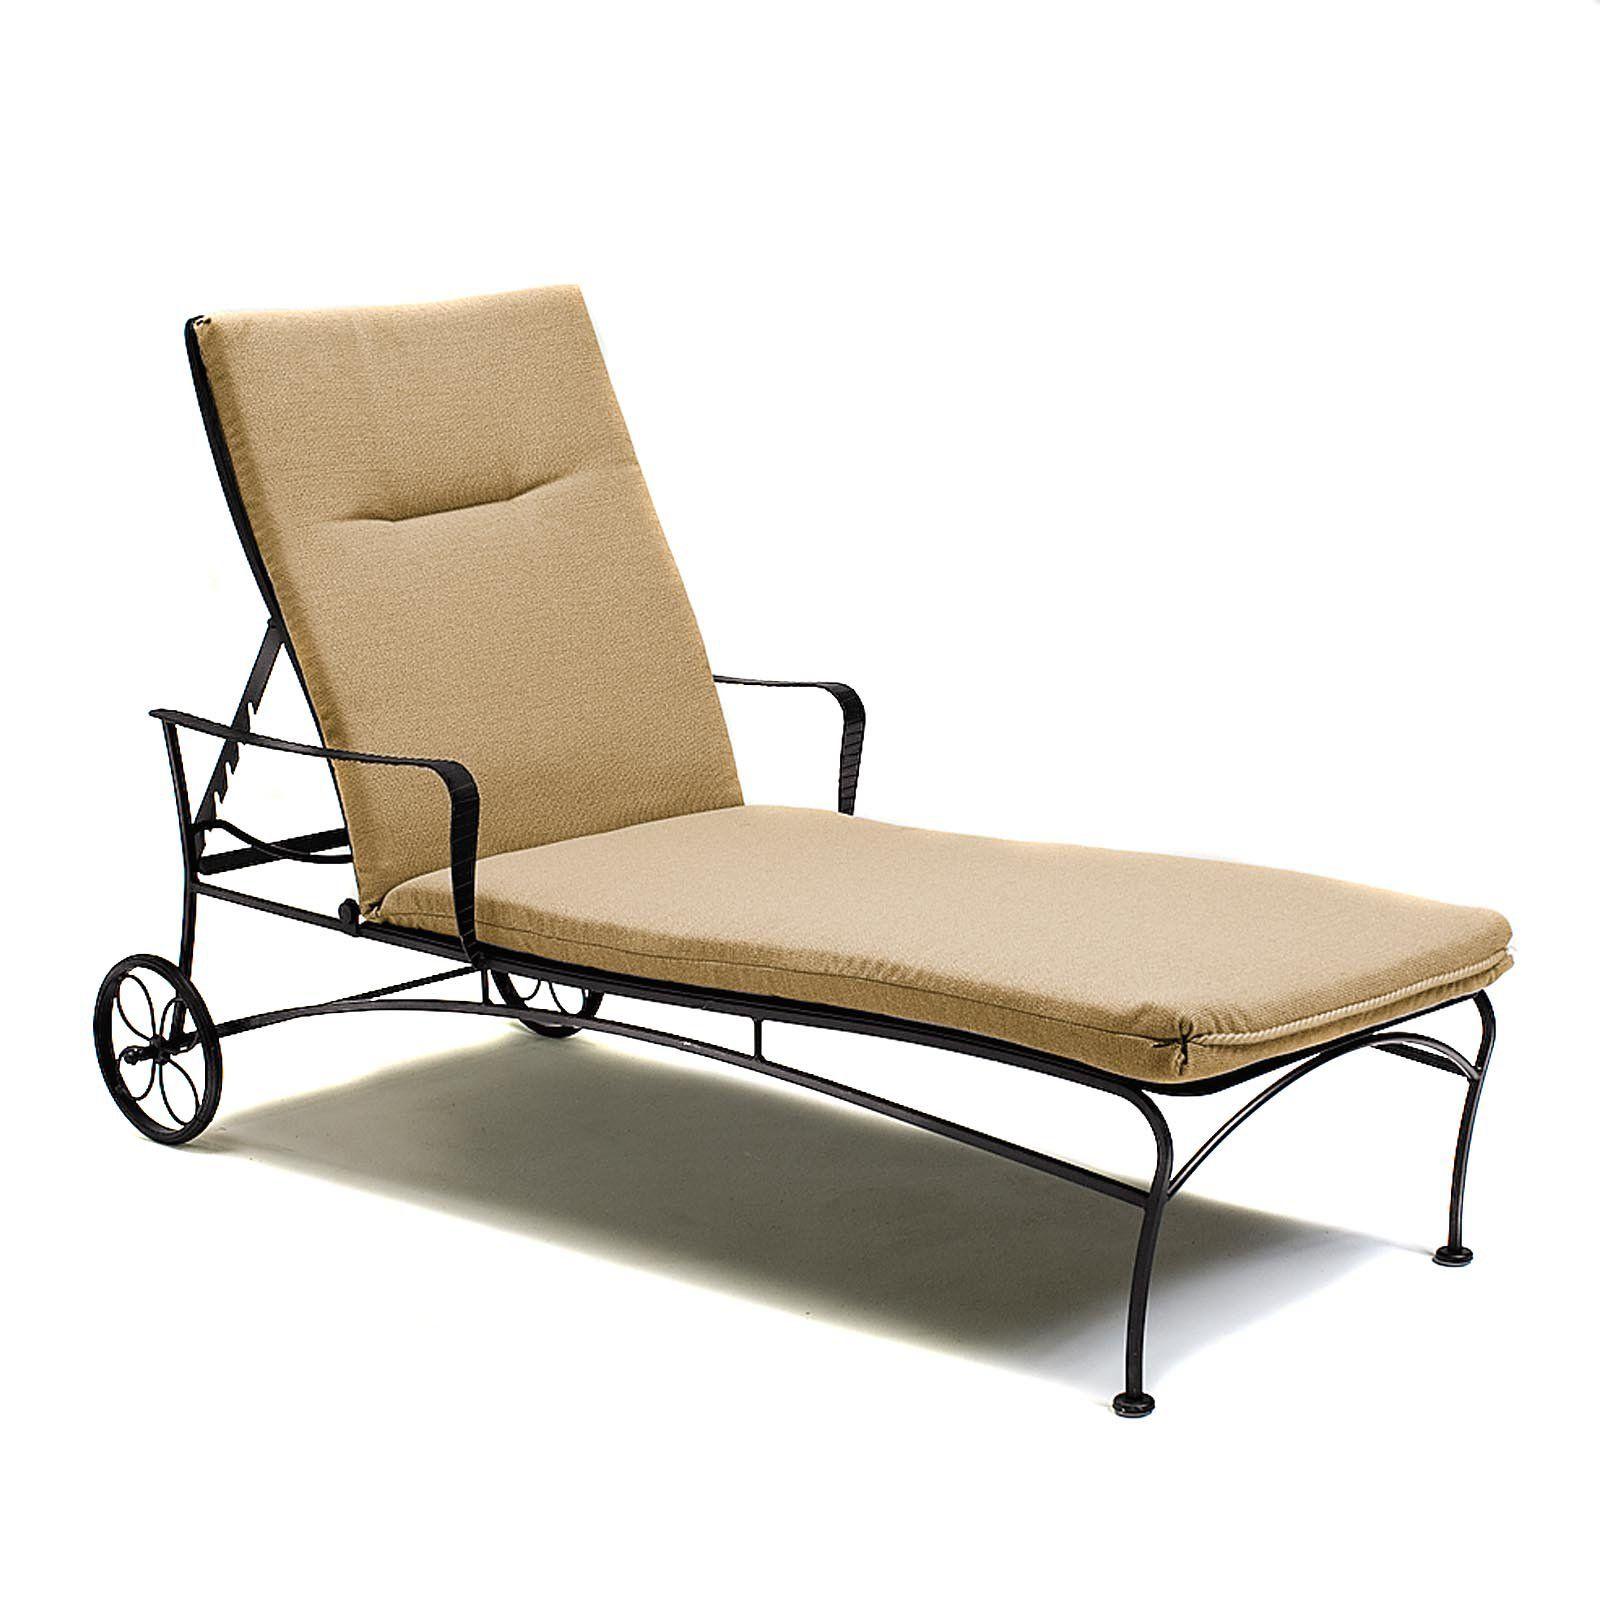 Ostrich Face Down 3N1 Beach Chair Beach lounge chair